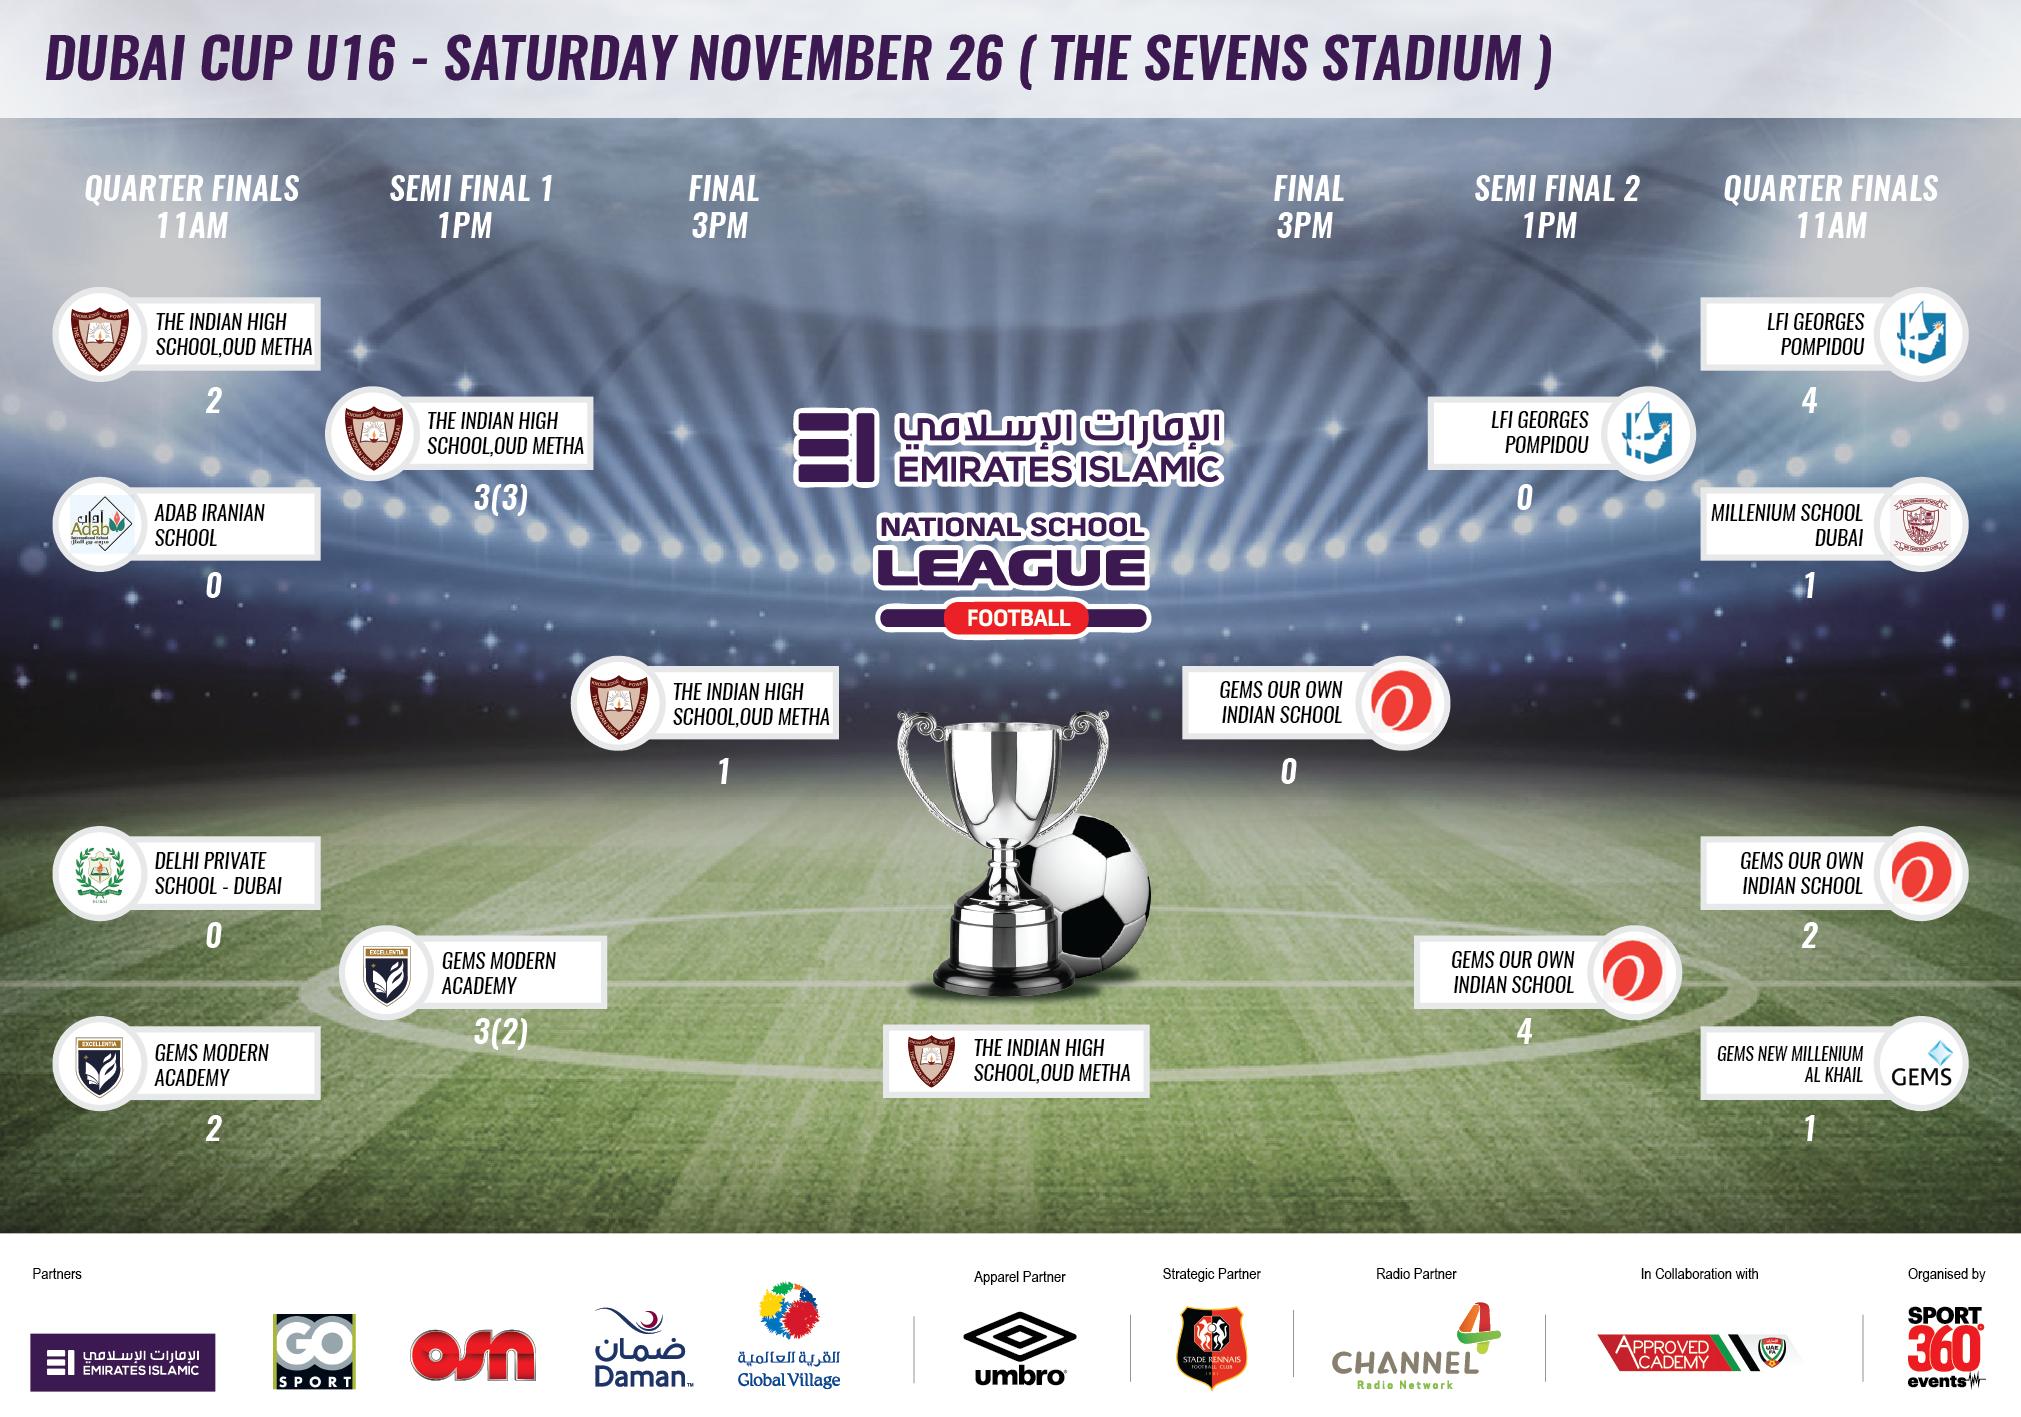 U16 DUBAI CUP WEBSITE IMAGE FINAL-01